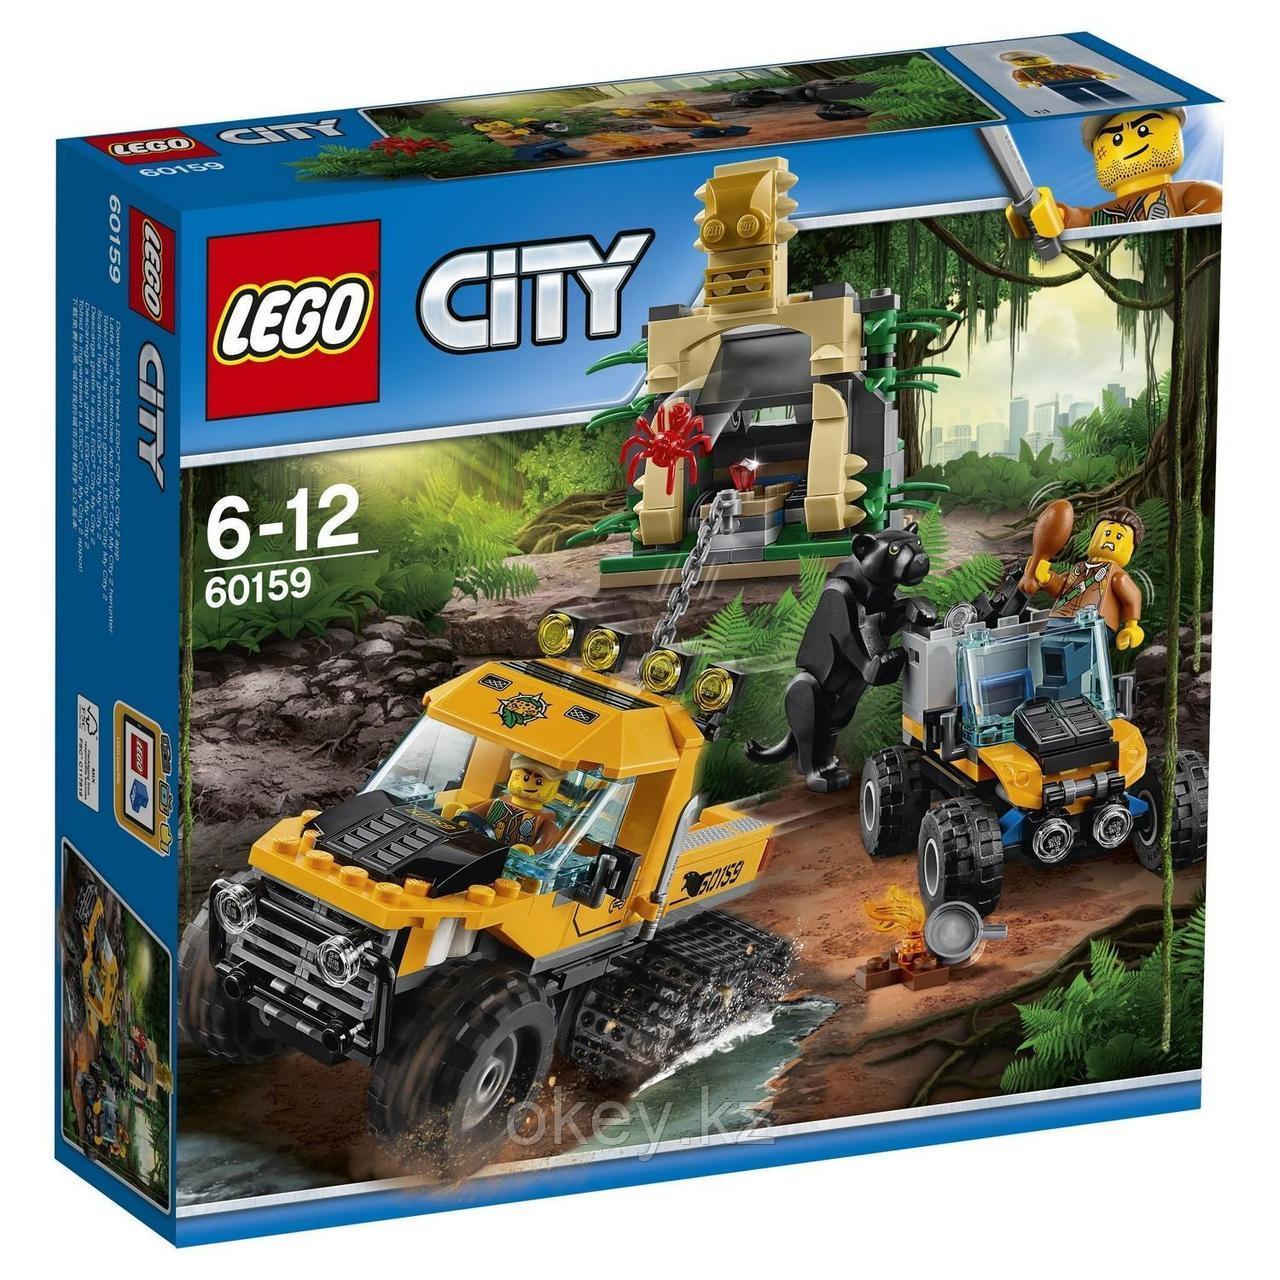 LEGO City: Миссия: Исследование джунглей 60159